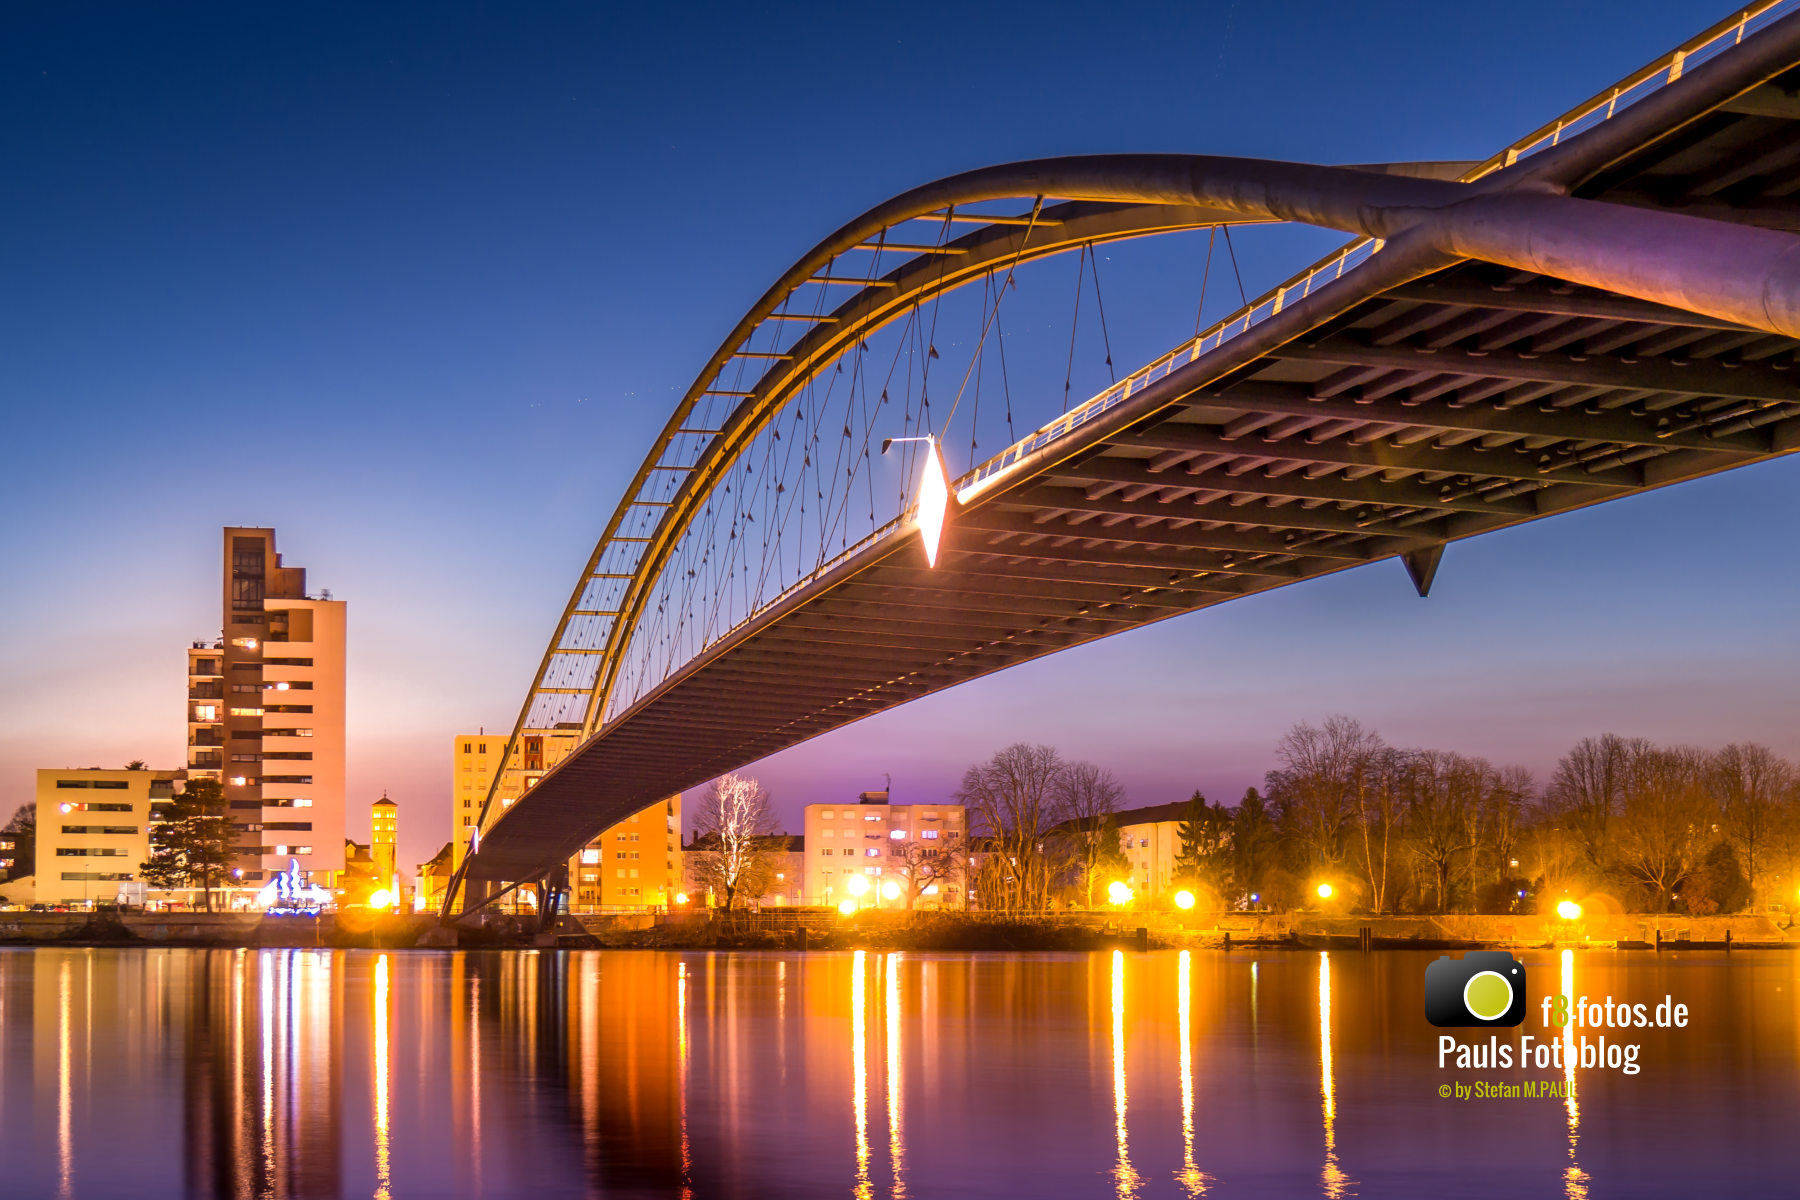 Die Dreiländerbrücke Weil am Rhein II